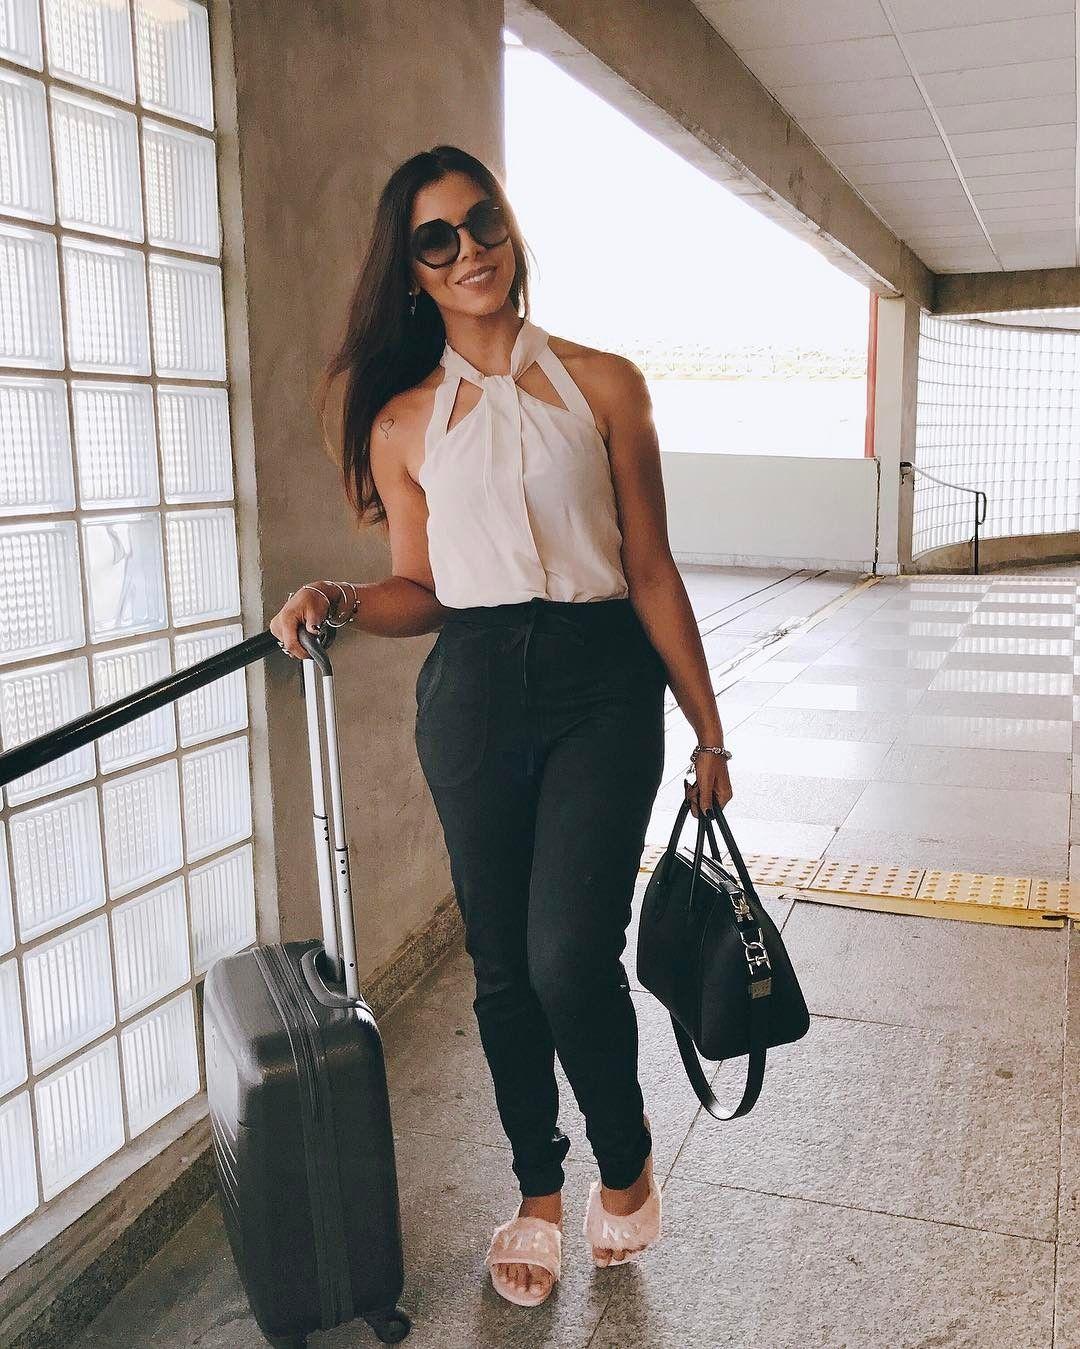 Aquela que mete o chinelão no pé e quando tá chegando no compromisso coloca o salto kkkkk sempre fazia isso no metrô quando ia pro Centro trabalhar  tem coisa que nunca vai mudar rs  Simbora que tem muito job em SP até sábado! Ótimo dia pra vocês!!!!! ✈️ #ACaraDeBundaÉSono kkkk